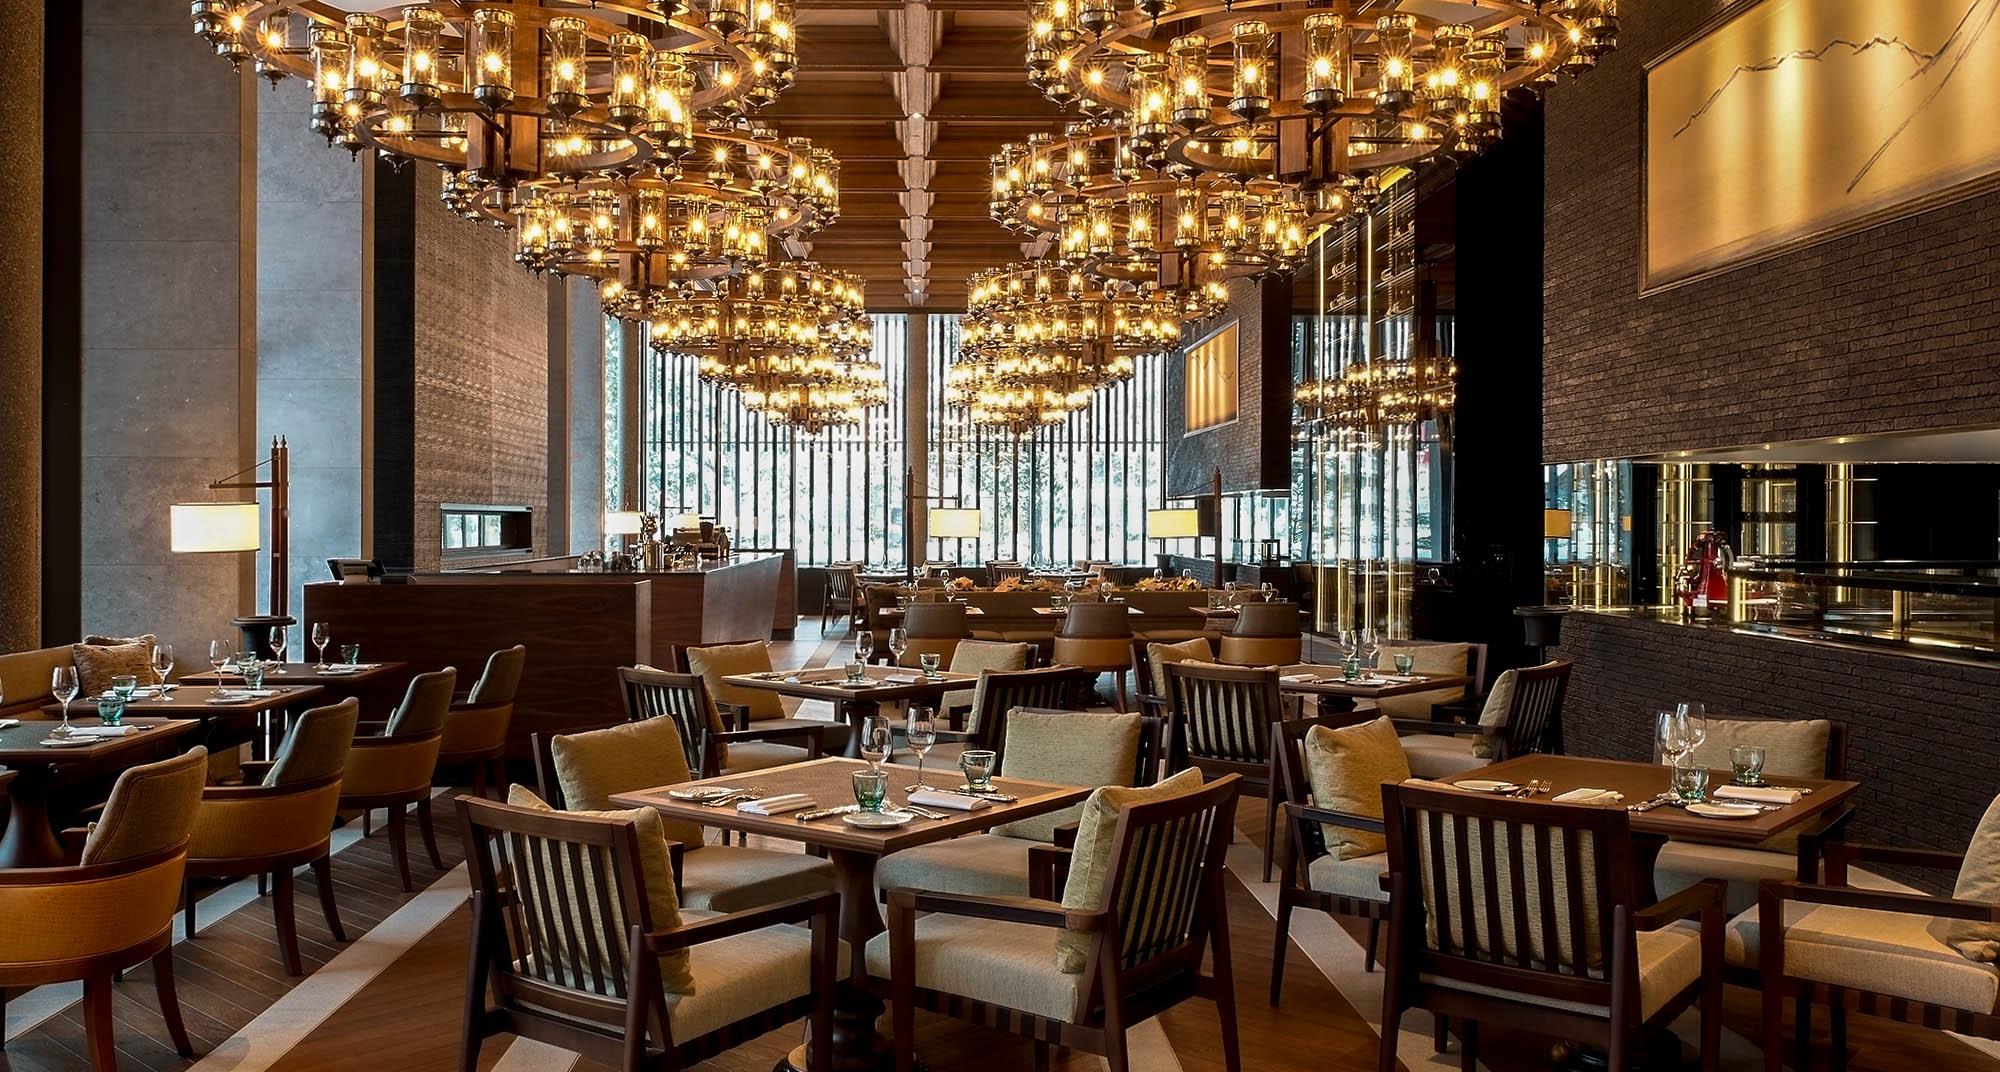 Restaurants in Amersfoort